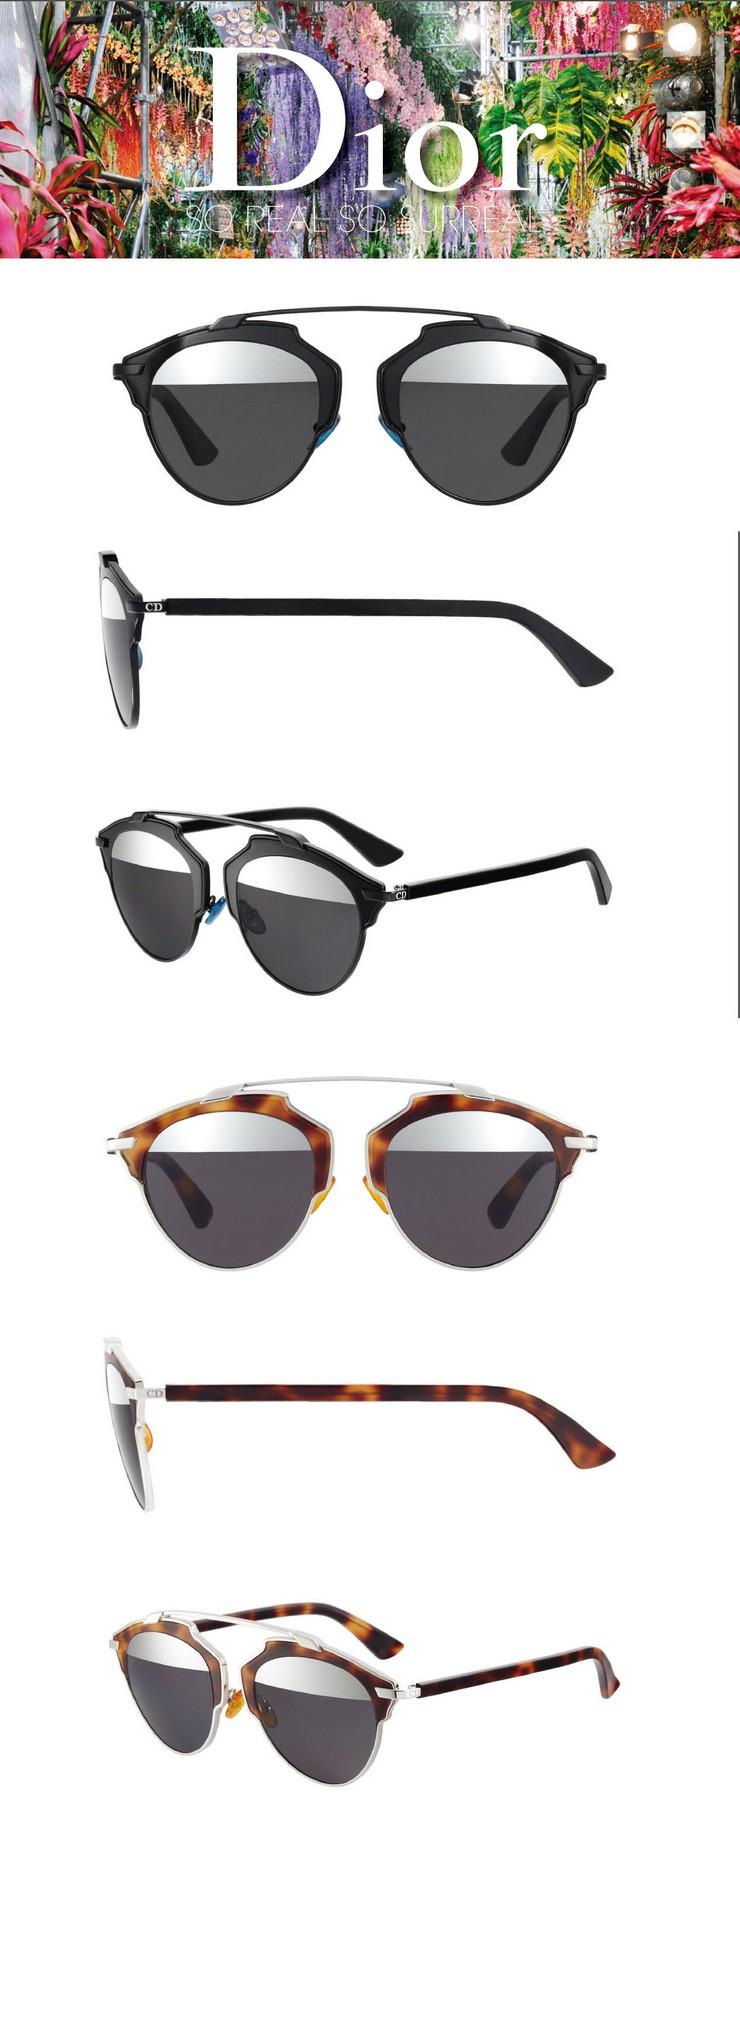 """""""Dior, Marc Jacob y Max Mara presentaron en la pasarela de Nueva York sus últimos diseños en gafas de sol""""  Marc Jacobs, Dior y Max Mara: sus nuevas gafas de sol en NY dior"""